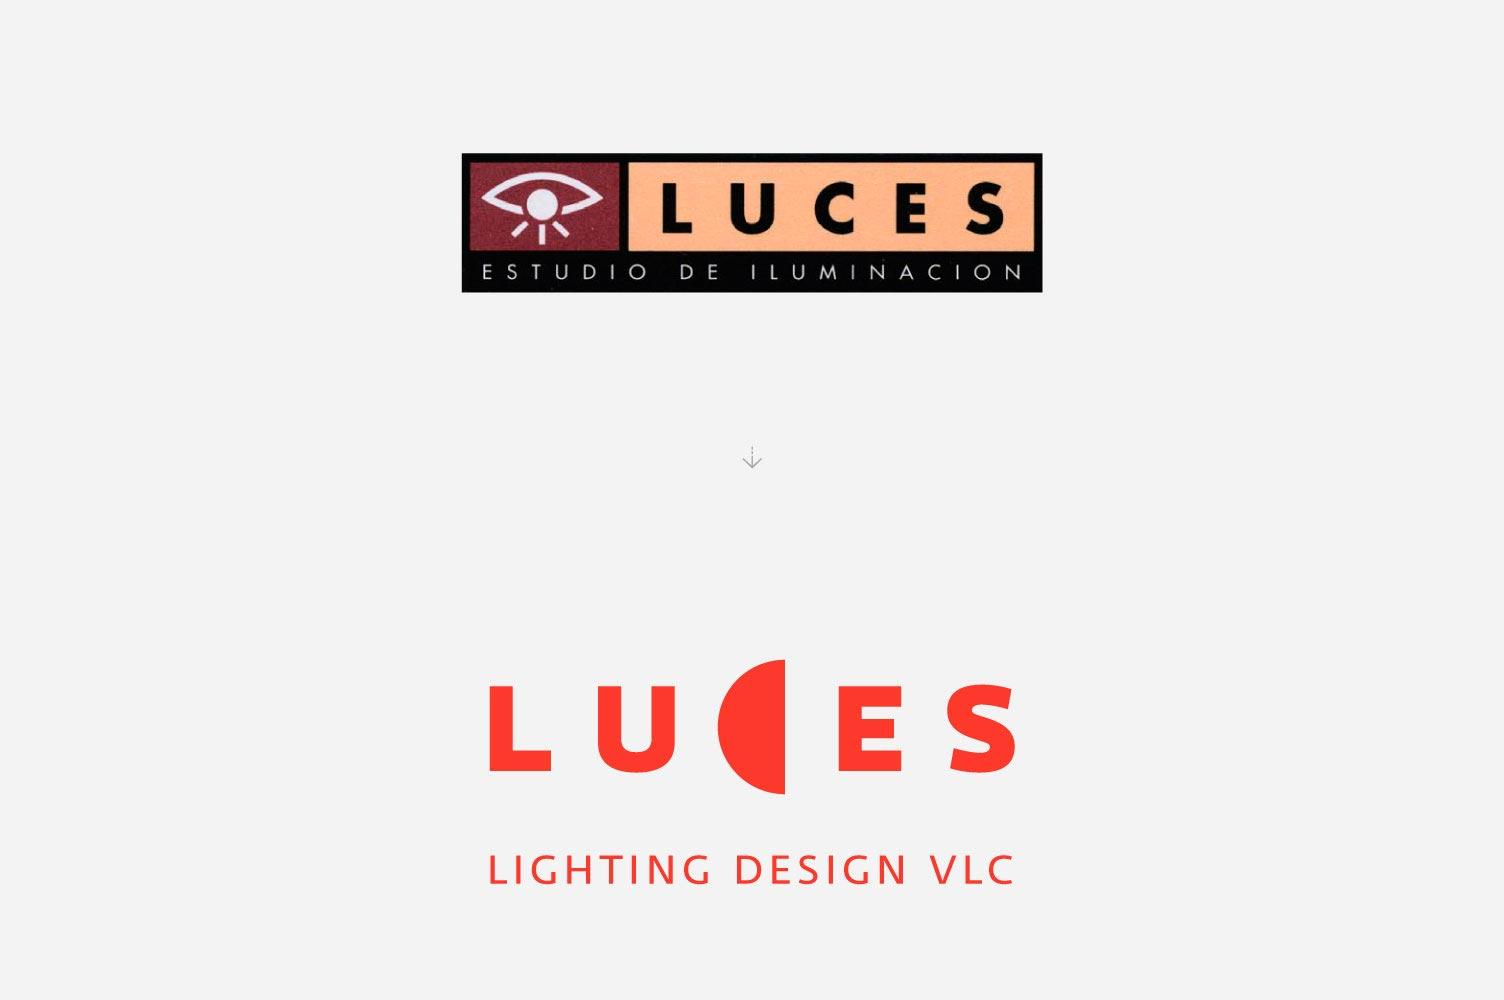 Rediseño de Logo en Valencia: Luces lighting design VLC